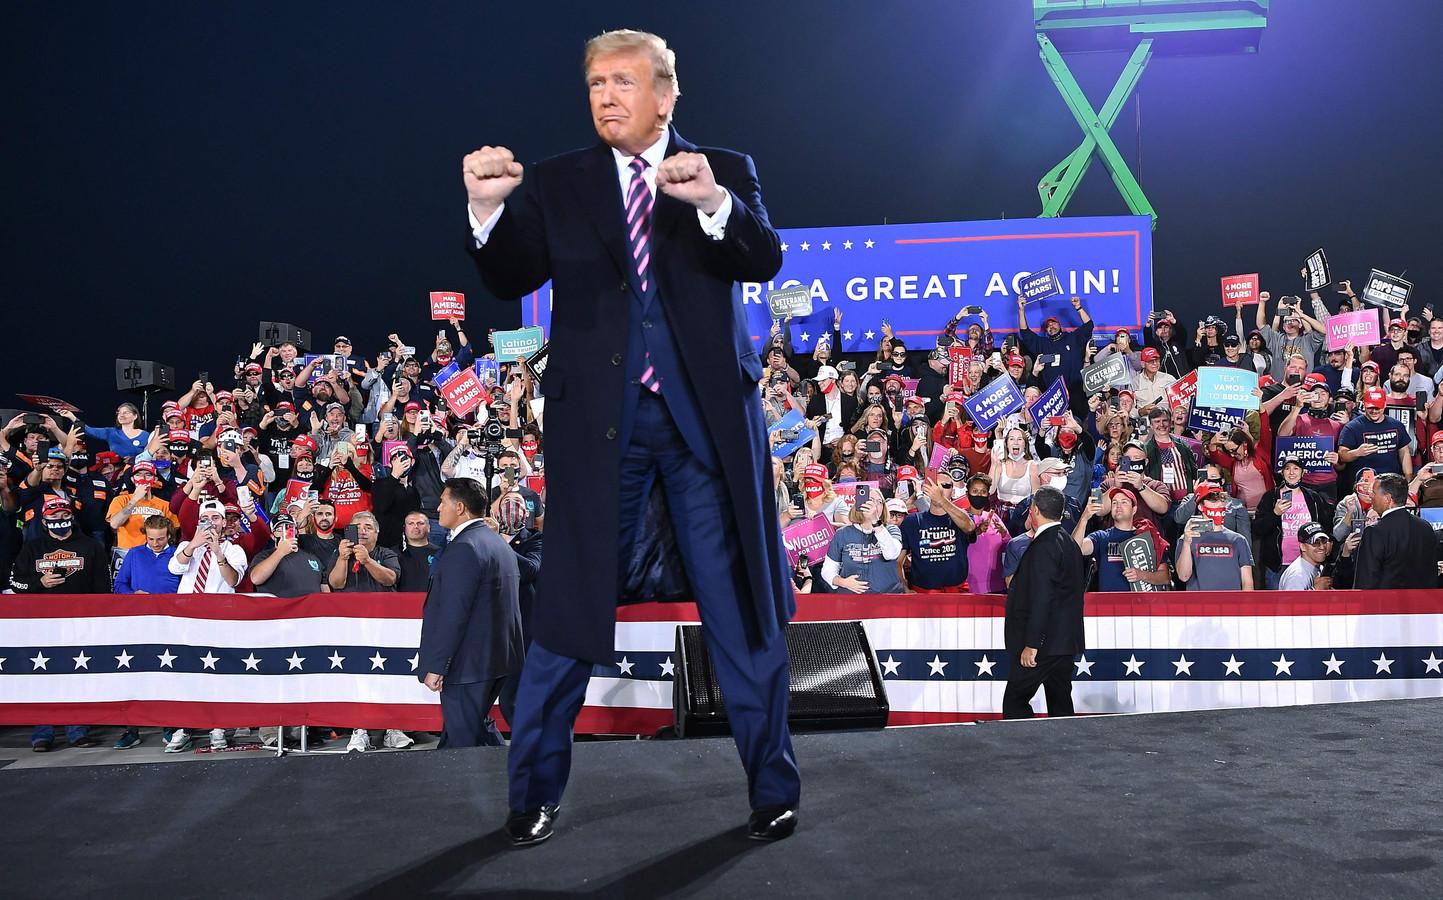 Een strijdvaardige Donald Trump tijdens een verkiezingsmeeting in september 2020